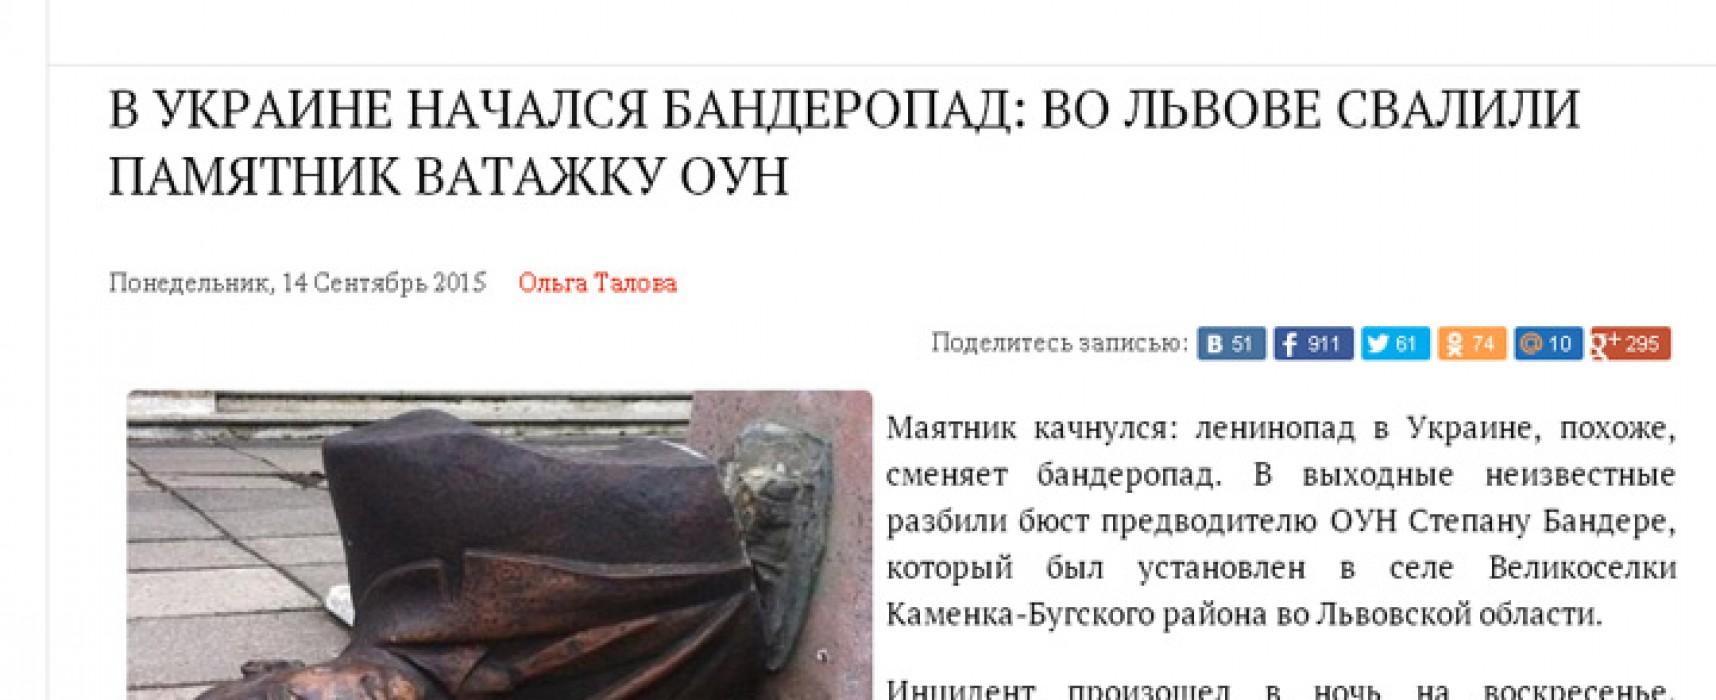 Фейк: Во Львове свалили памятник Бандере